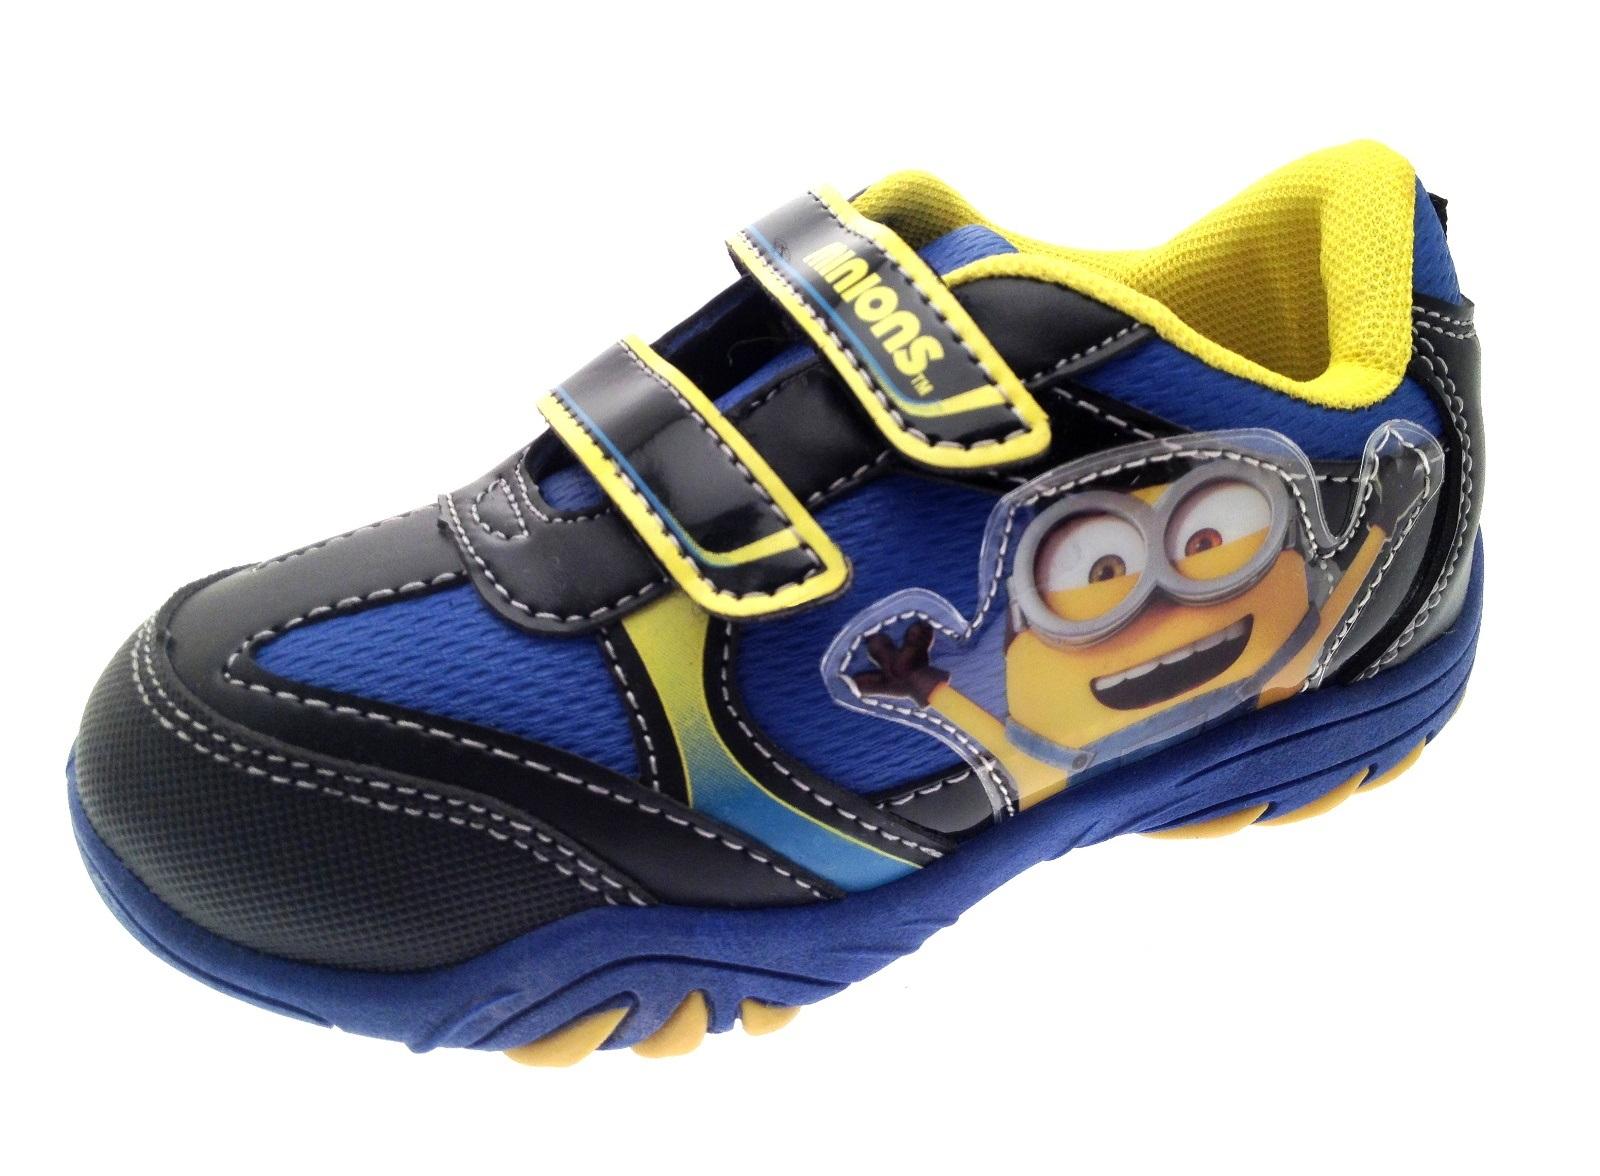 Boys Despicable Me Minions Range Clogs Canvas Pumps Wellies Boots Shoes Size 6-1 | EBay